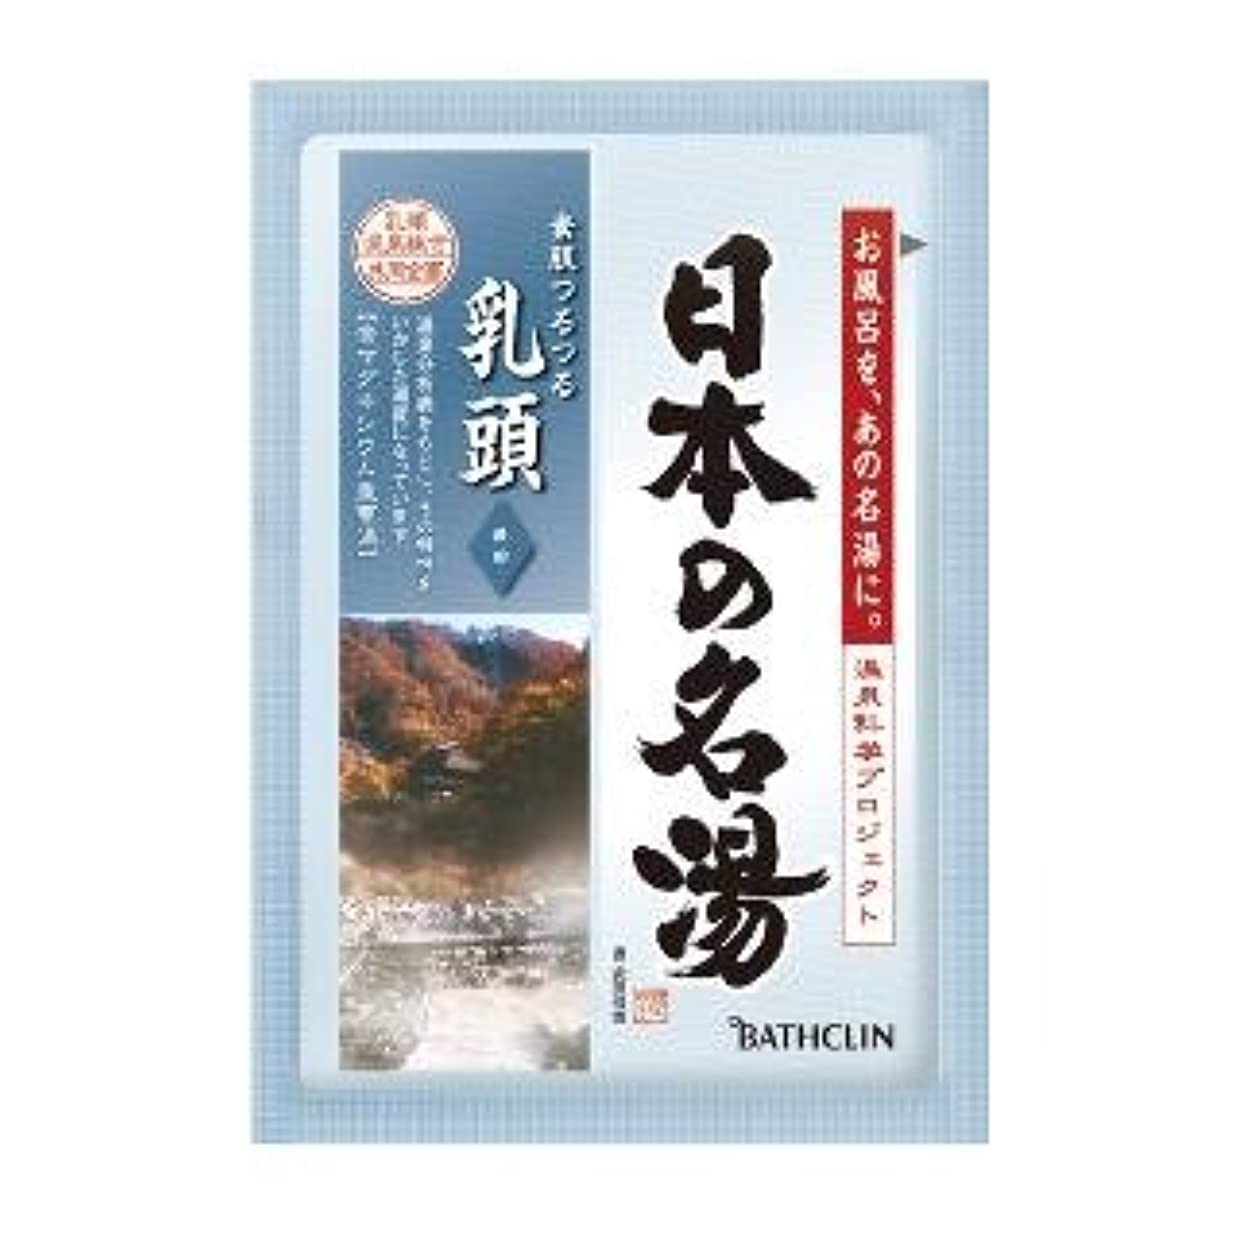 ブラウザ復活欺くバスクリン 日本の名湯 乳頭 1包×120点セット (4548514134997)